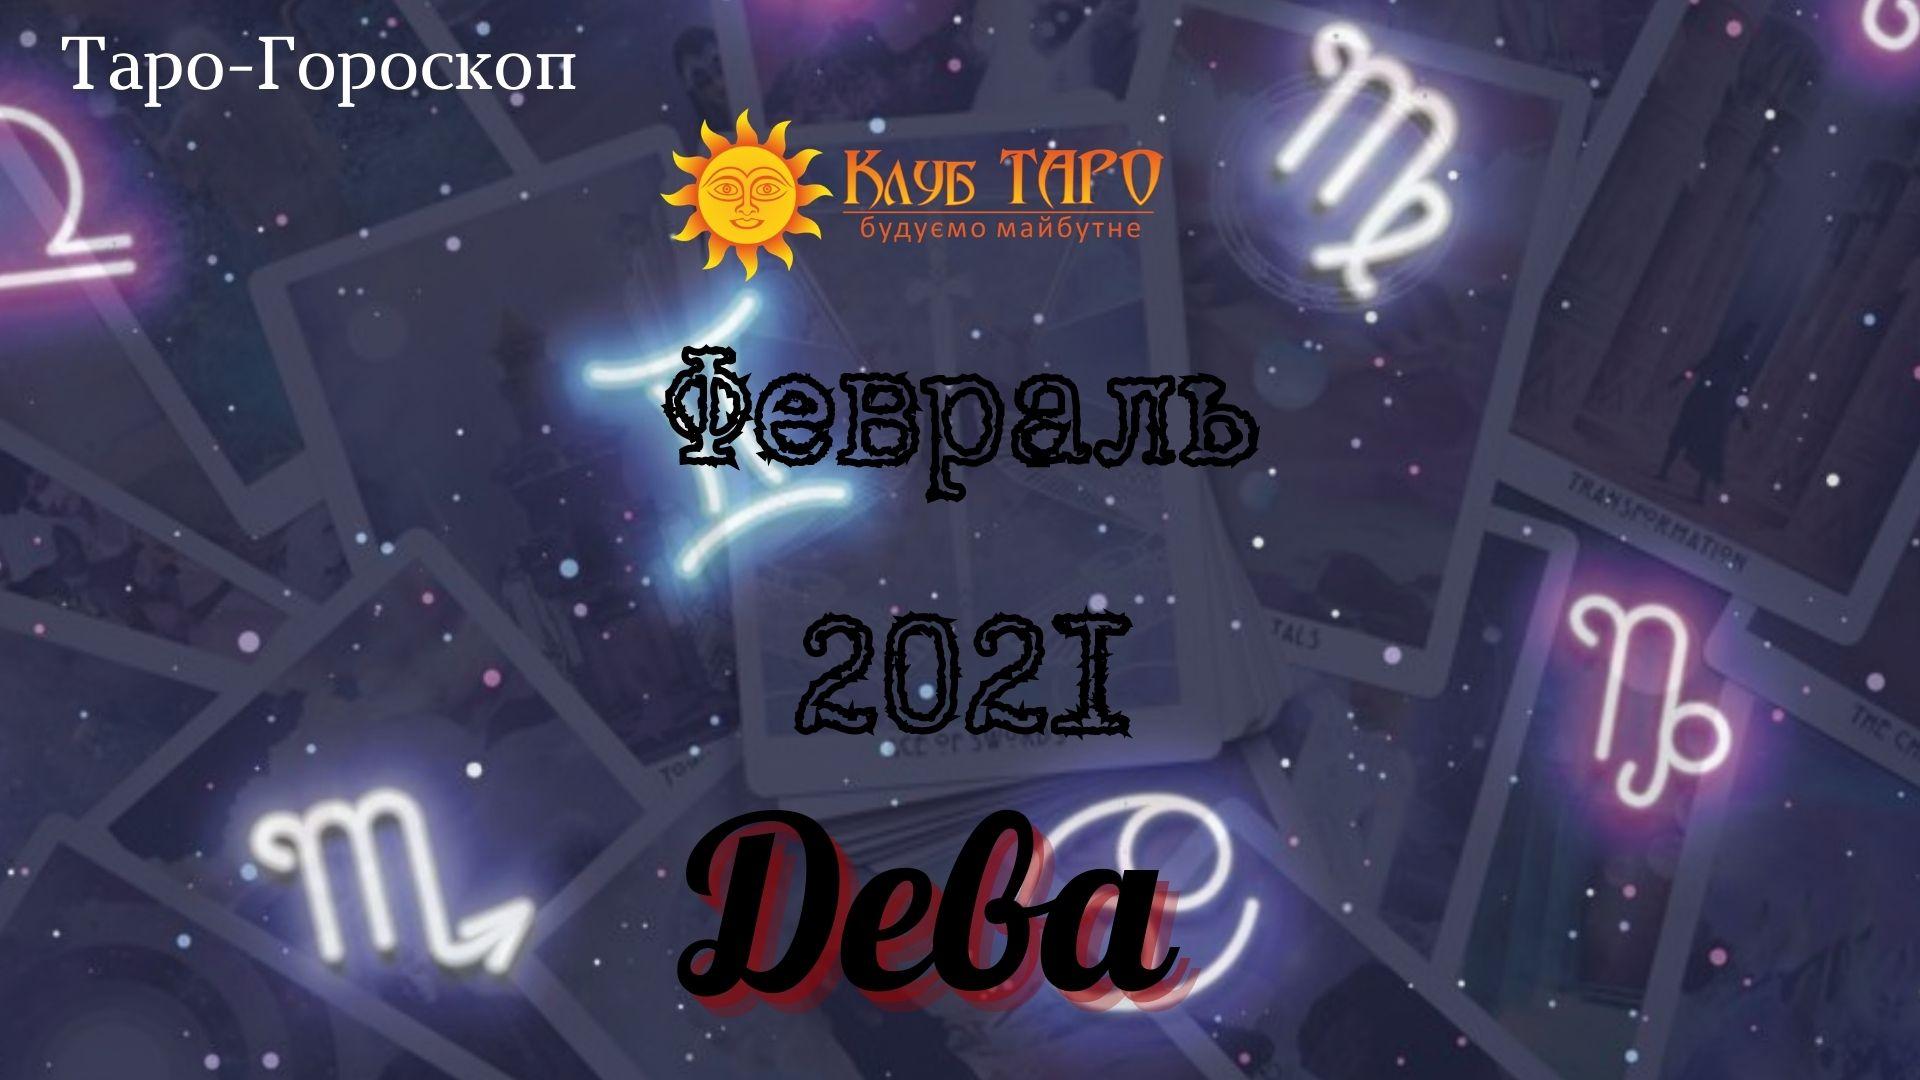 horosdevfev21